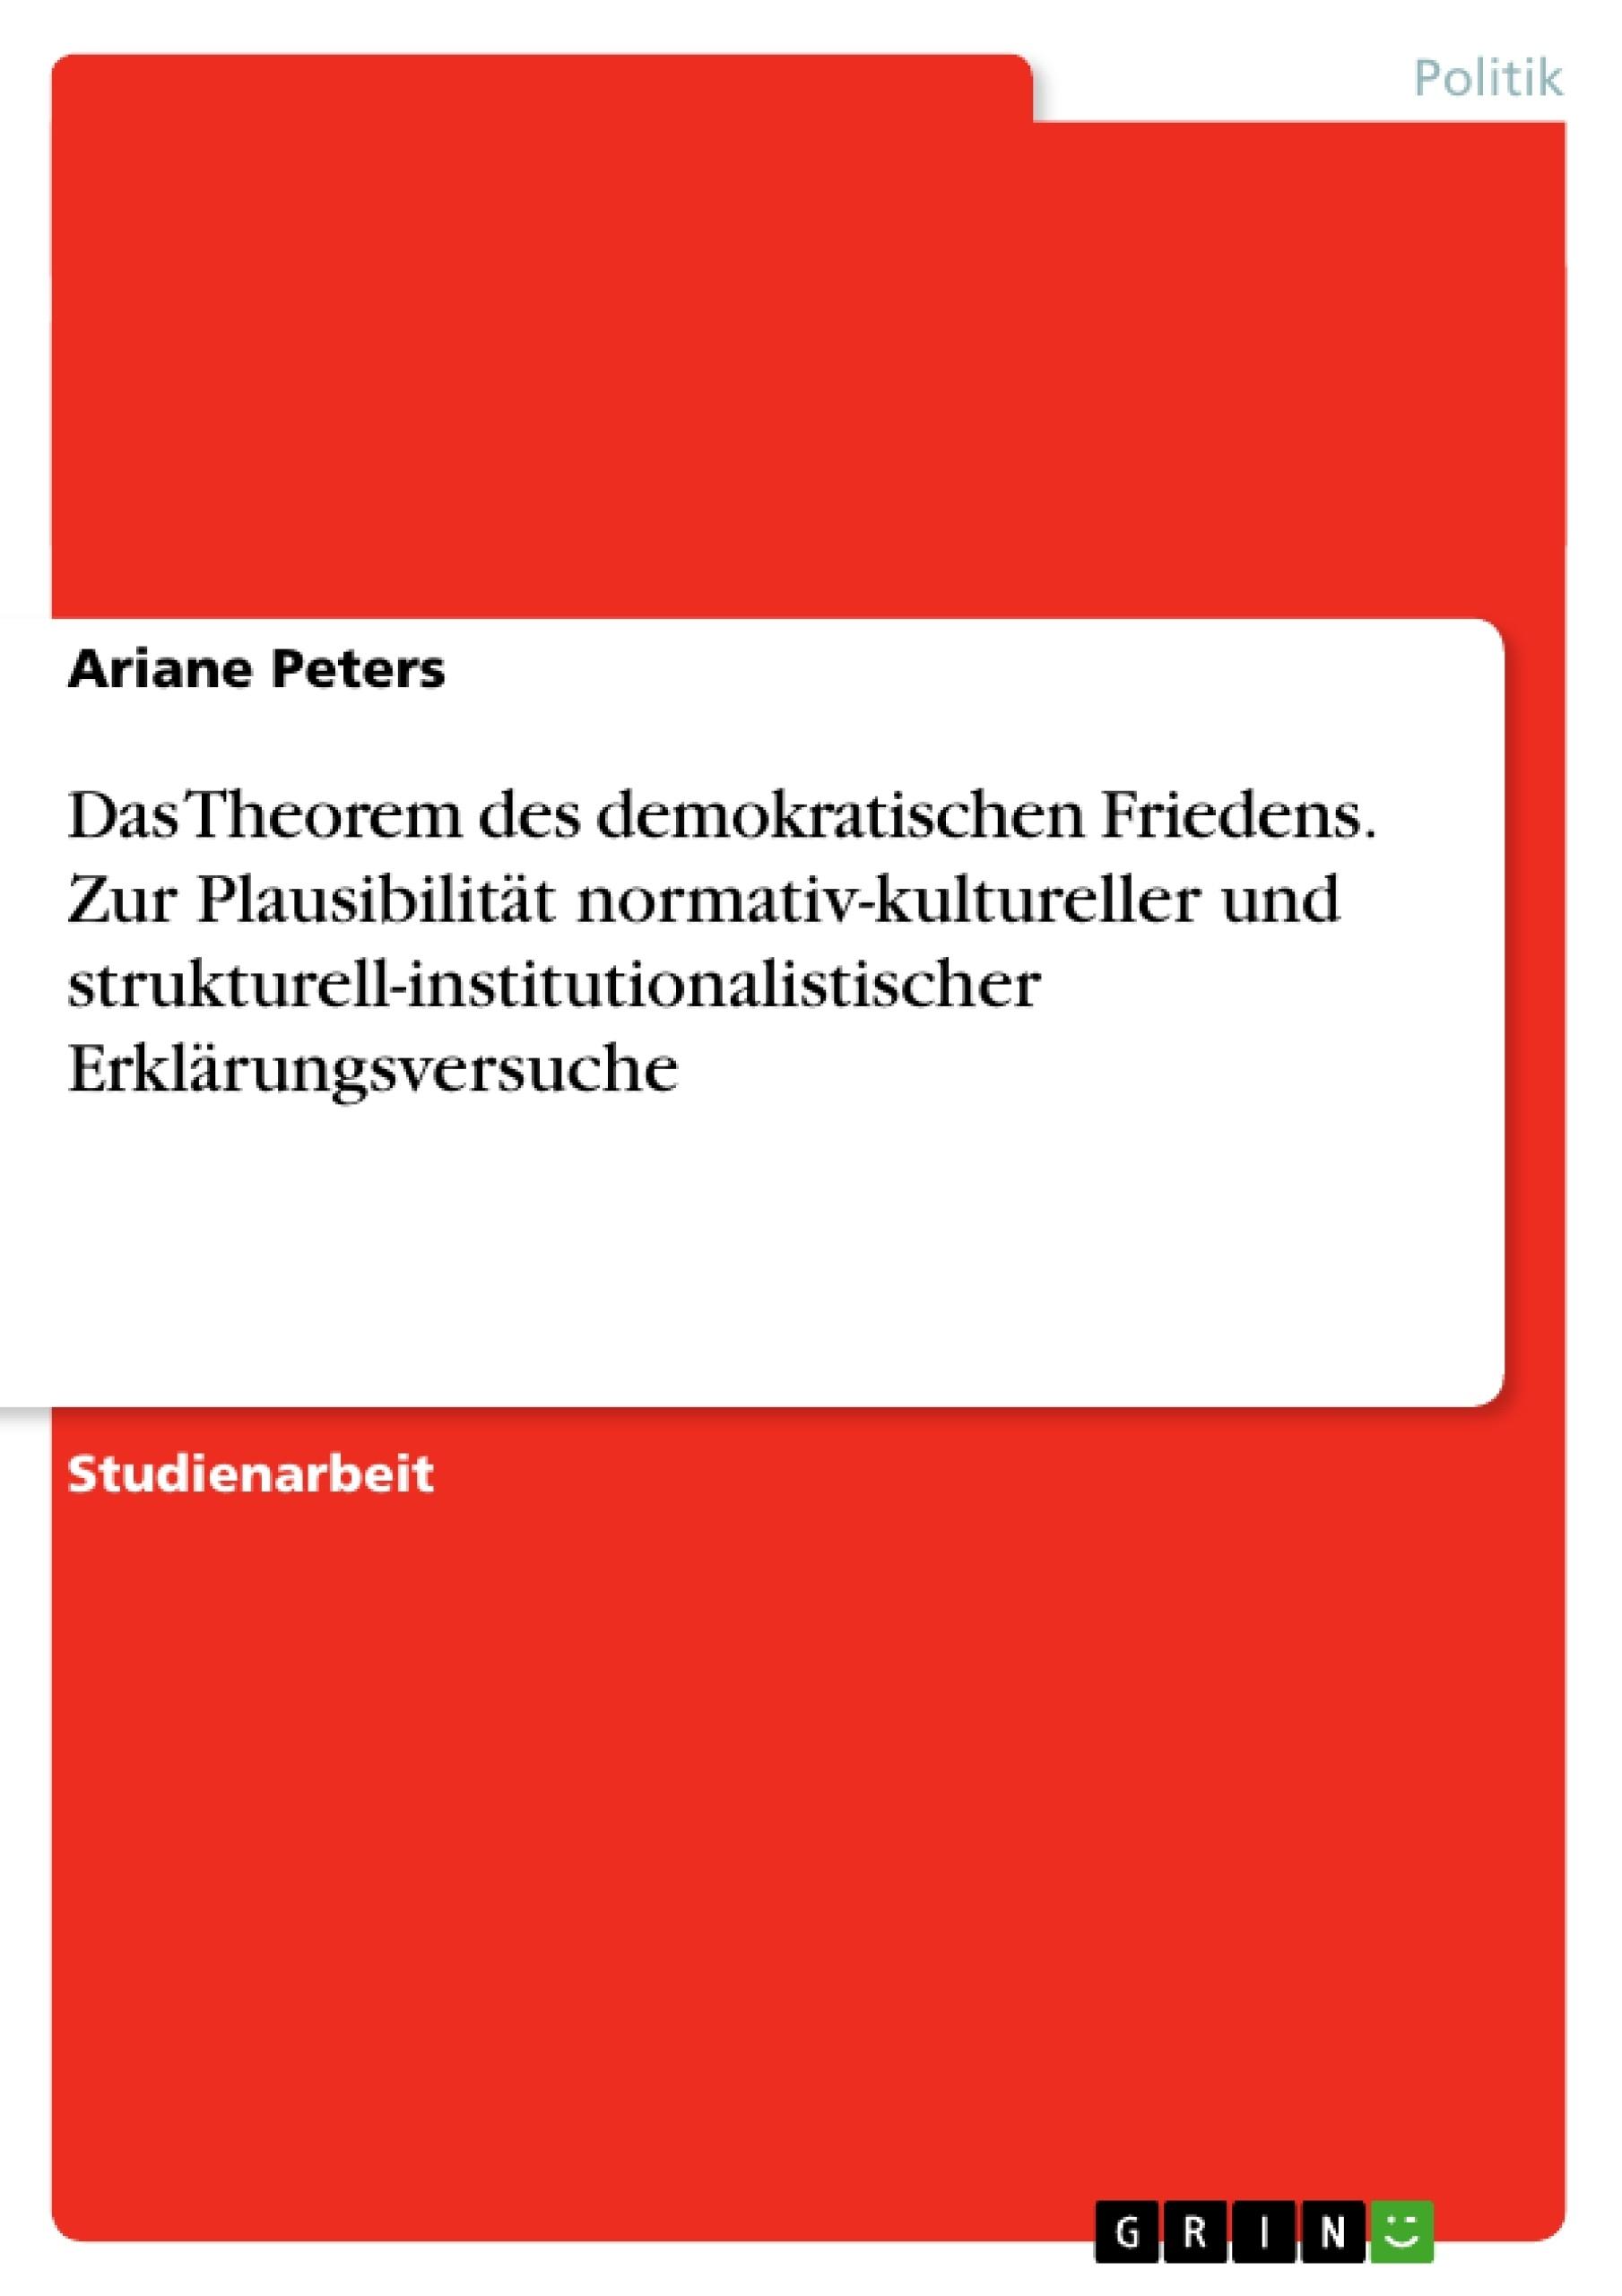 Titel: Das Theorem des demokratischen Friedens. Zur Plausibilität normativ-kultureller und strukturell-institutionalistischer Erklärungsversuche